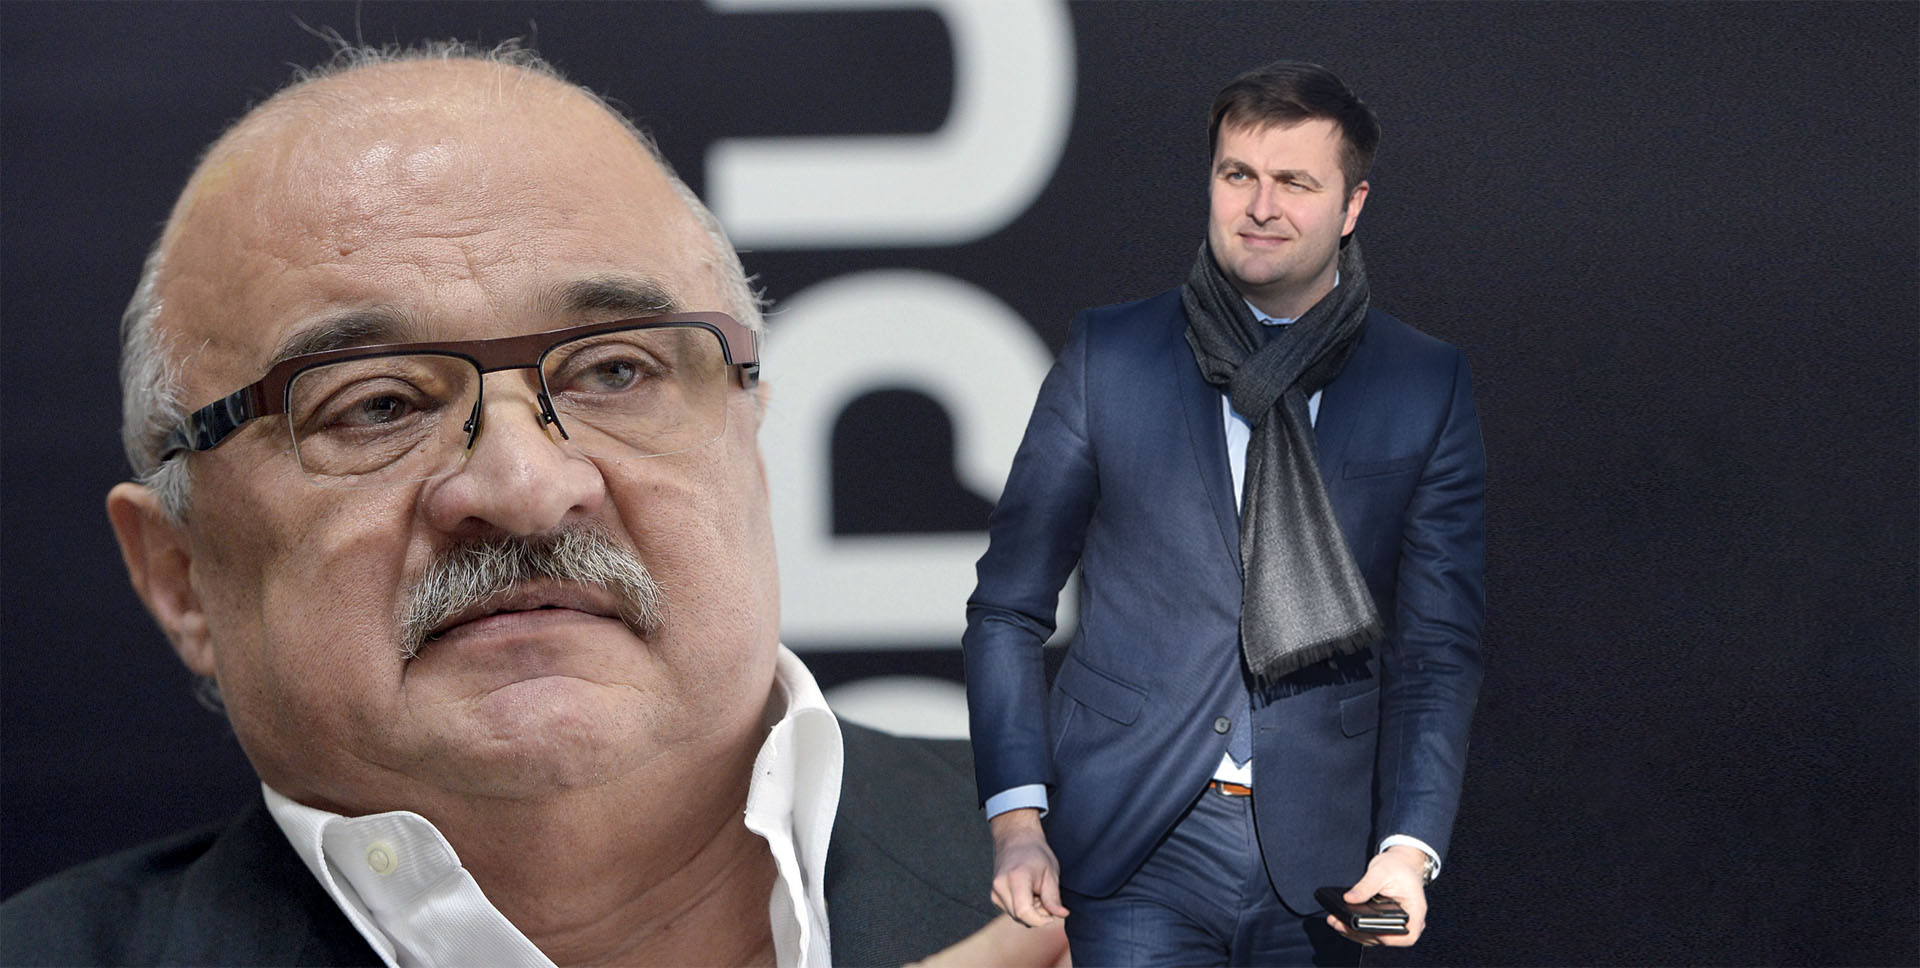 EKSKLUZIVNO 'Ćorić je Čermaku dao posao bez natječaja, a sada ga štiti'